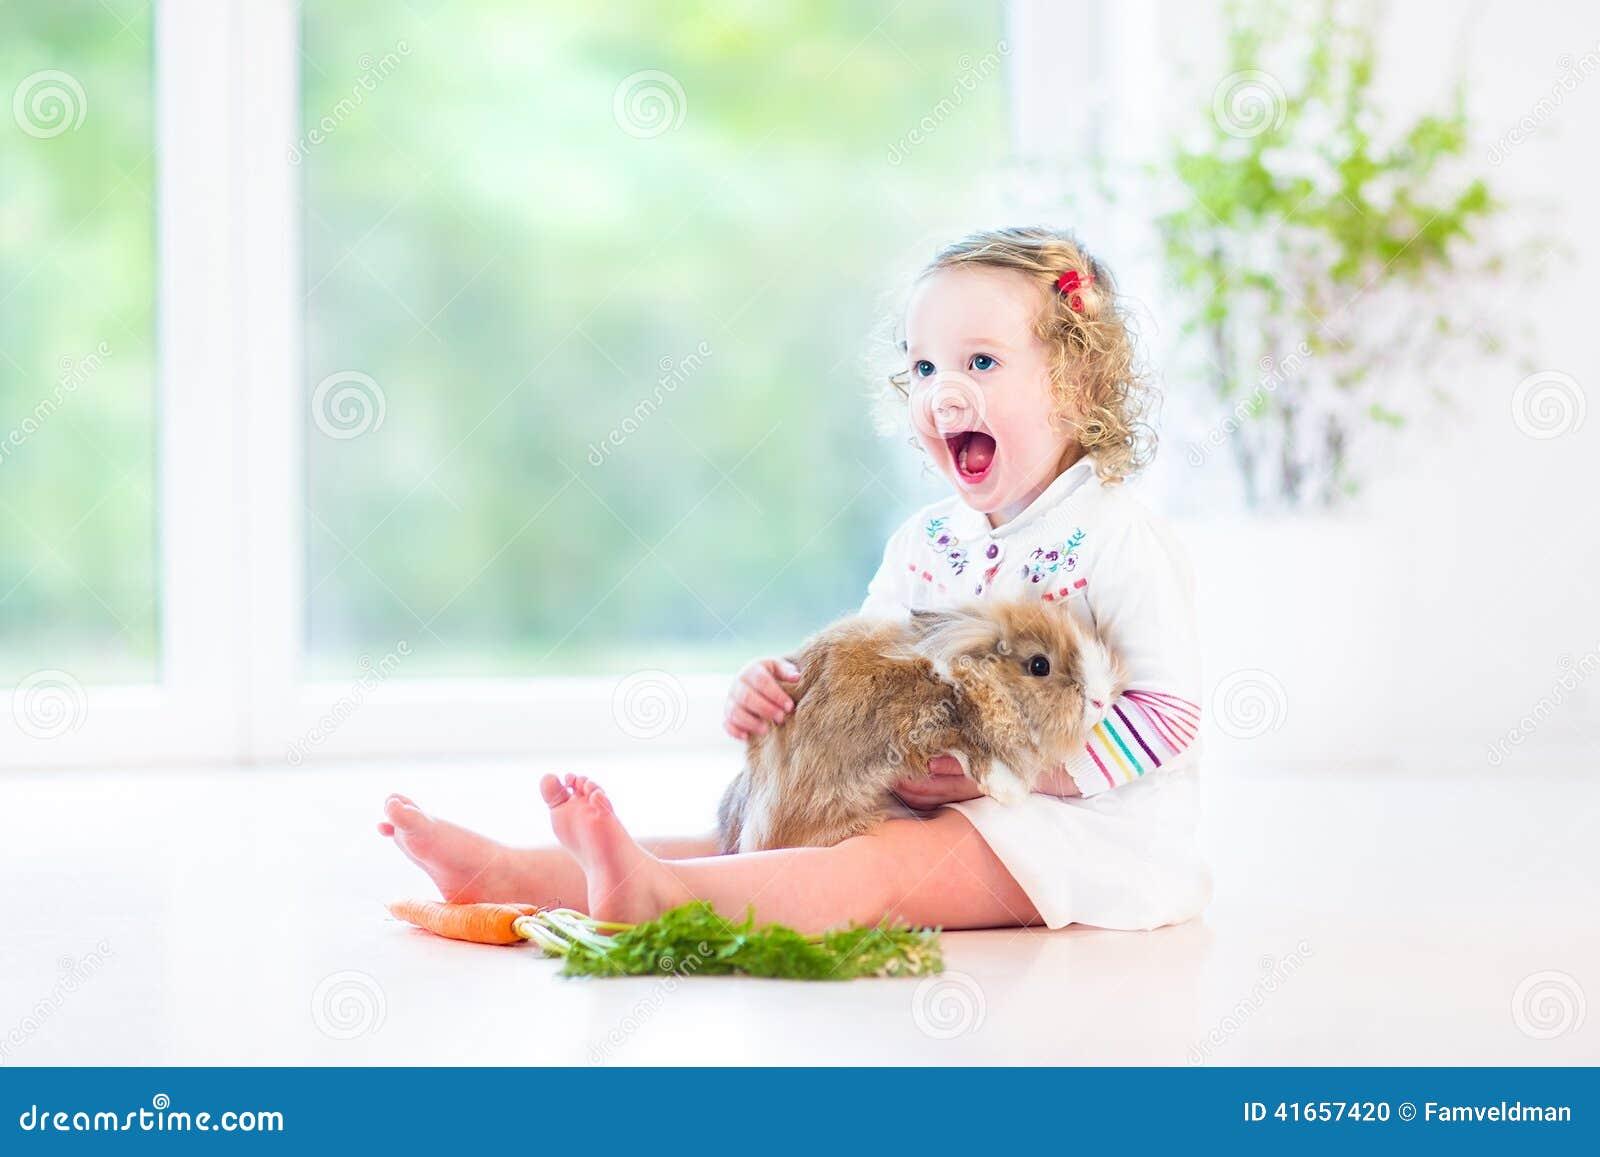 Красивая девушка малыша с вьющиеся волосы с реальным зайчиком